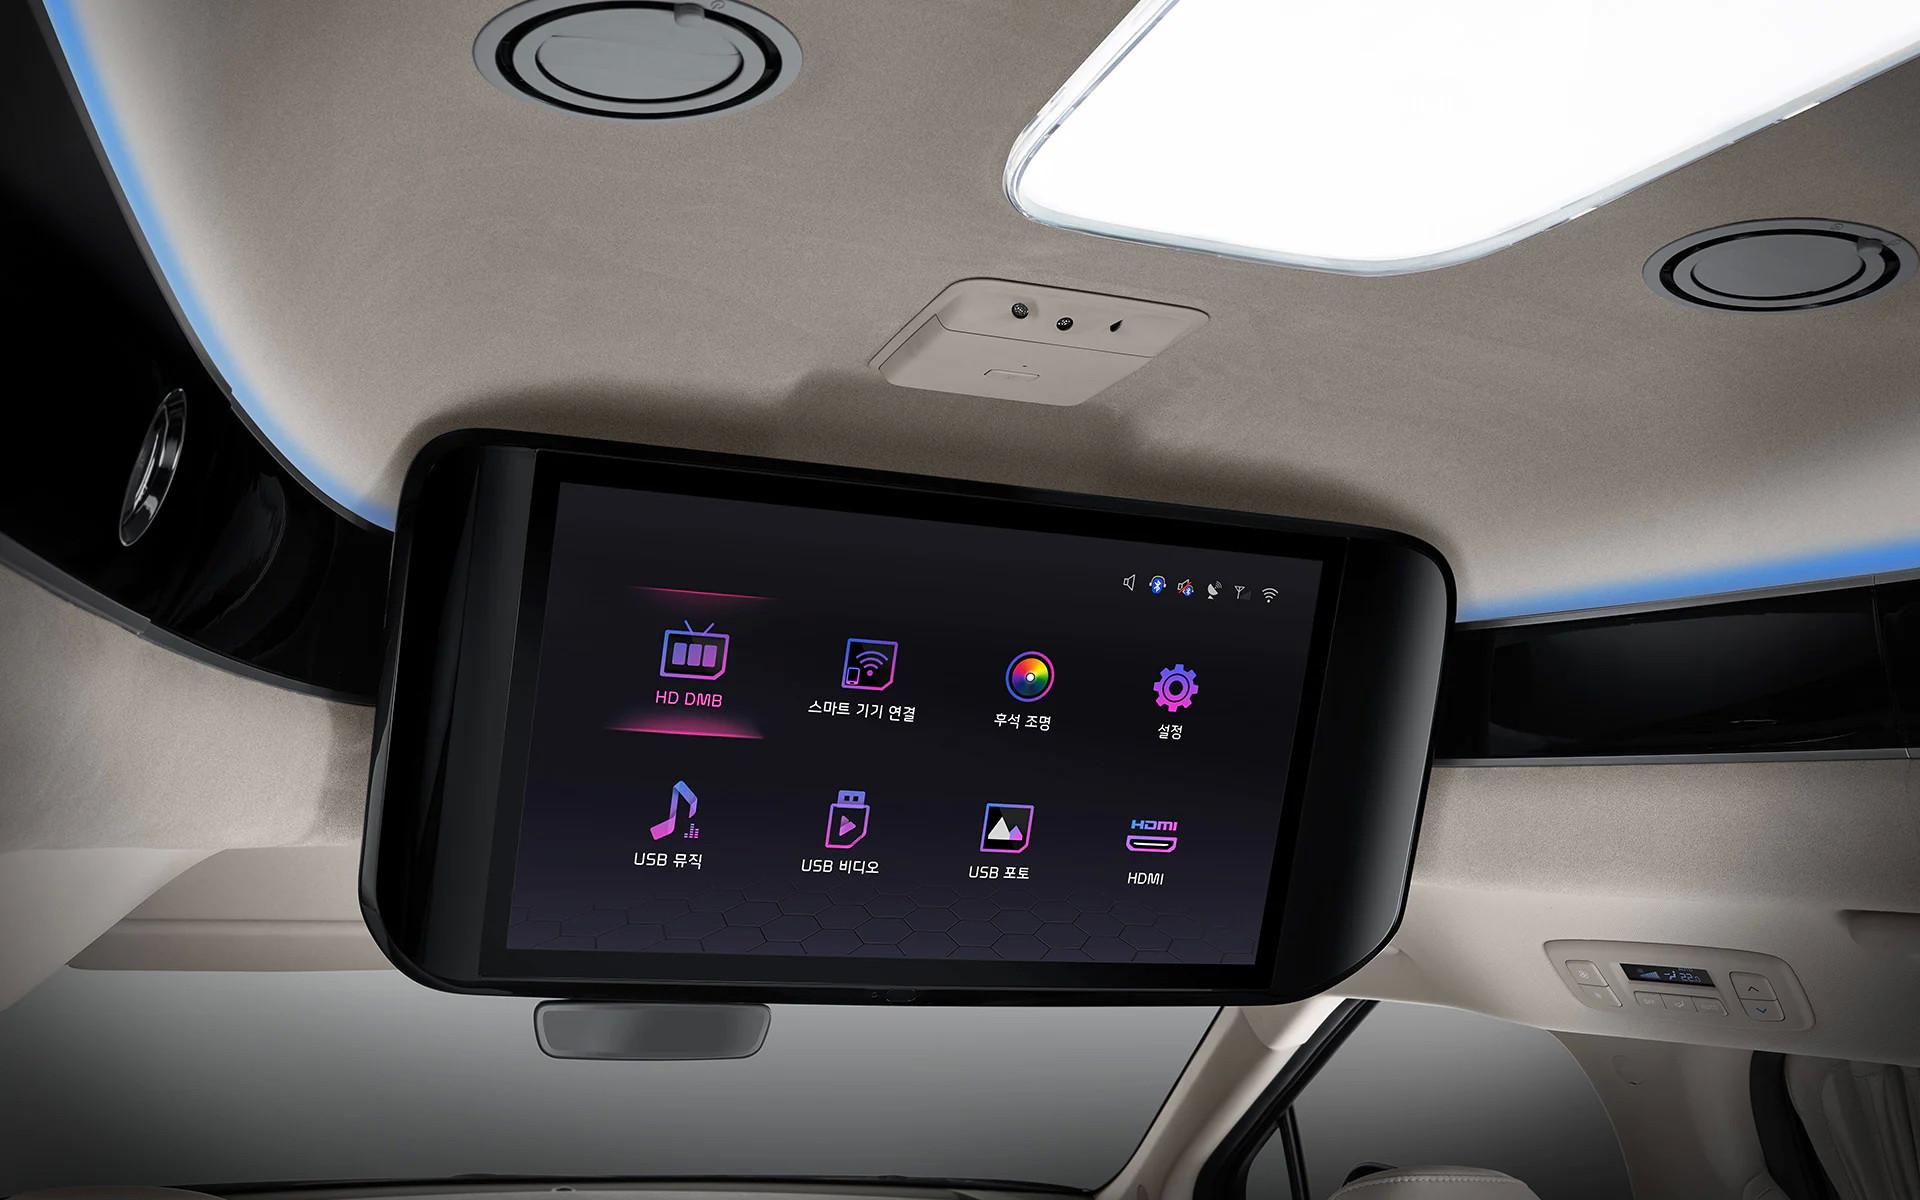 TV thông minh được điều khiển qua điện thoại và bàn cảm ứng